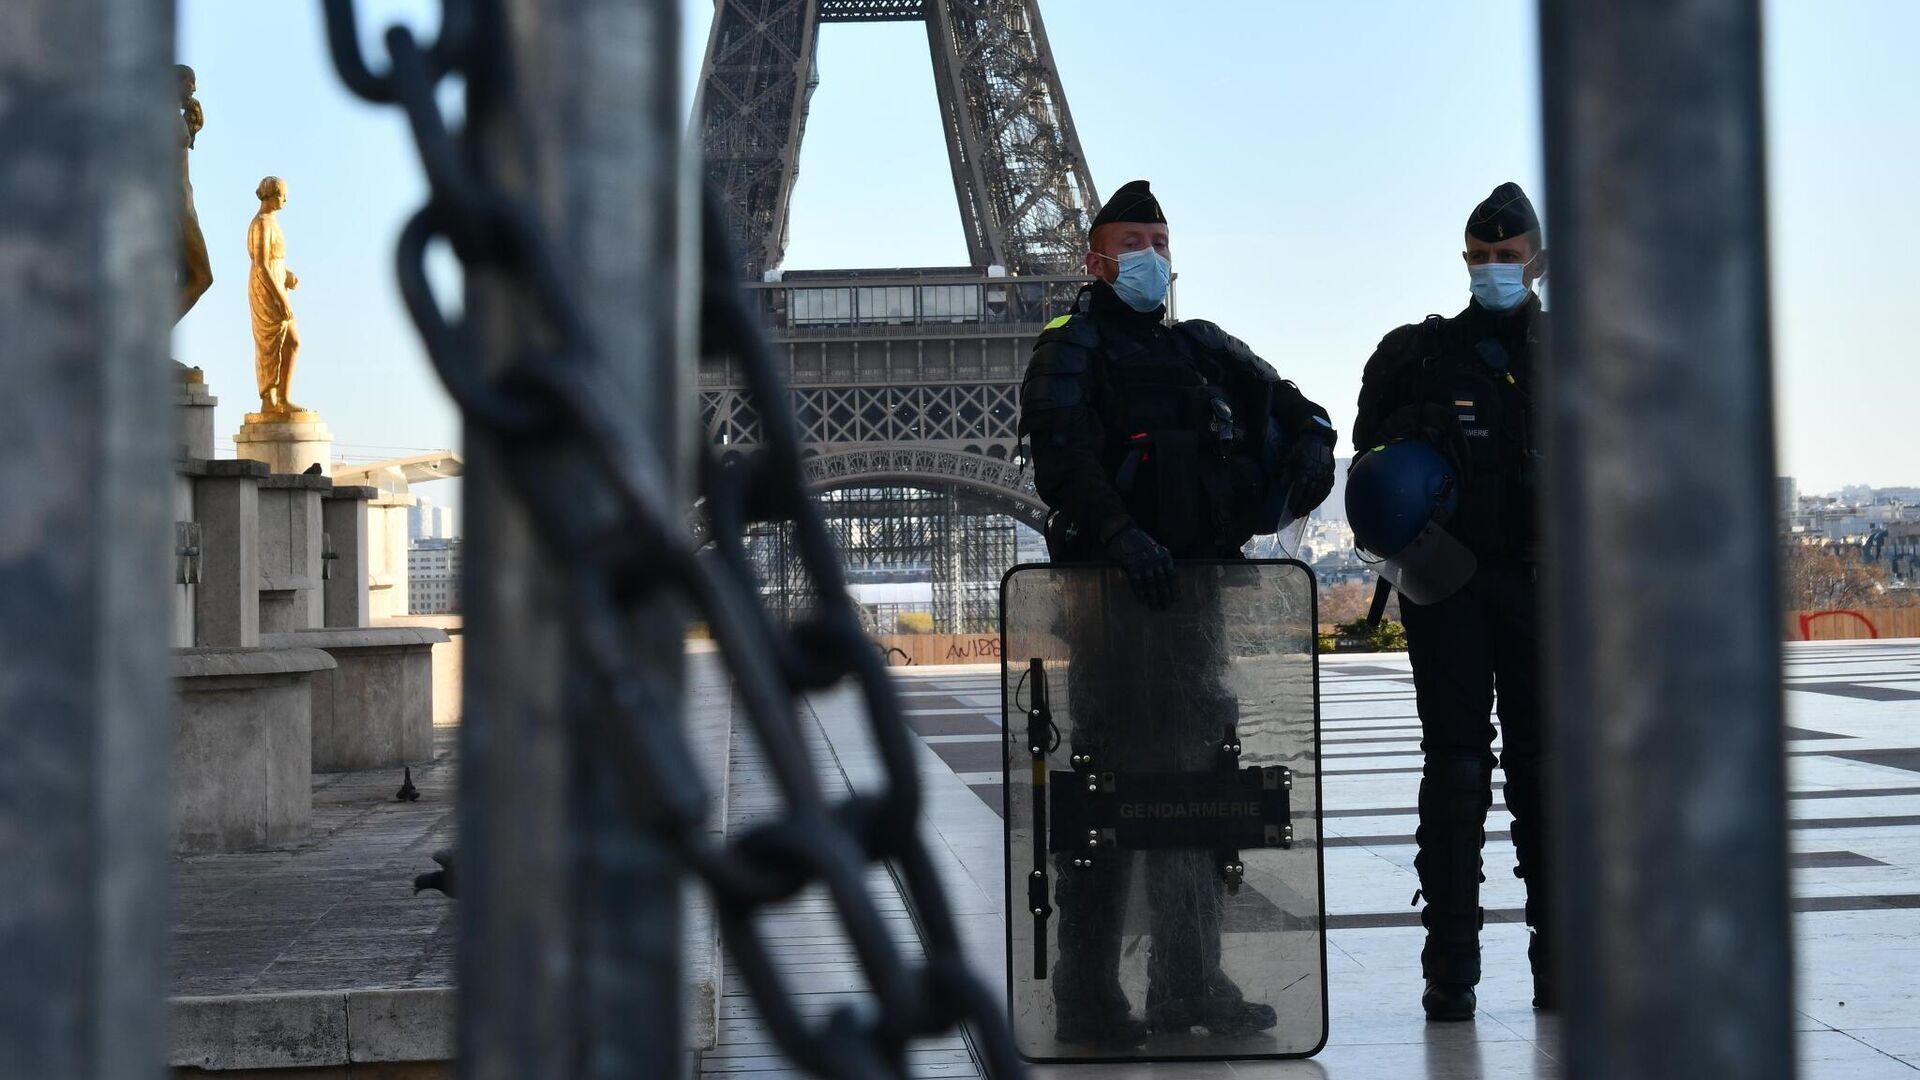 Сотрудники полиции во время акции протеста в Париже против внесения поправки к закону О национальной безопасности - РИА Новости, 1920, 25.01.2021